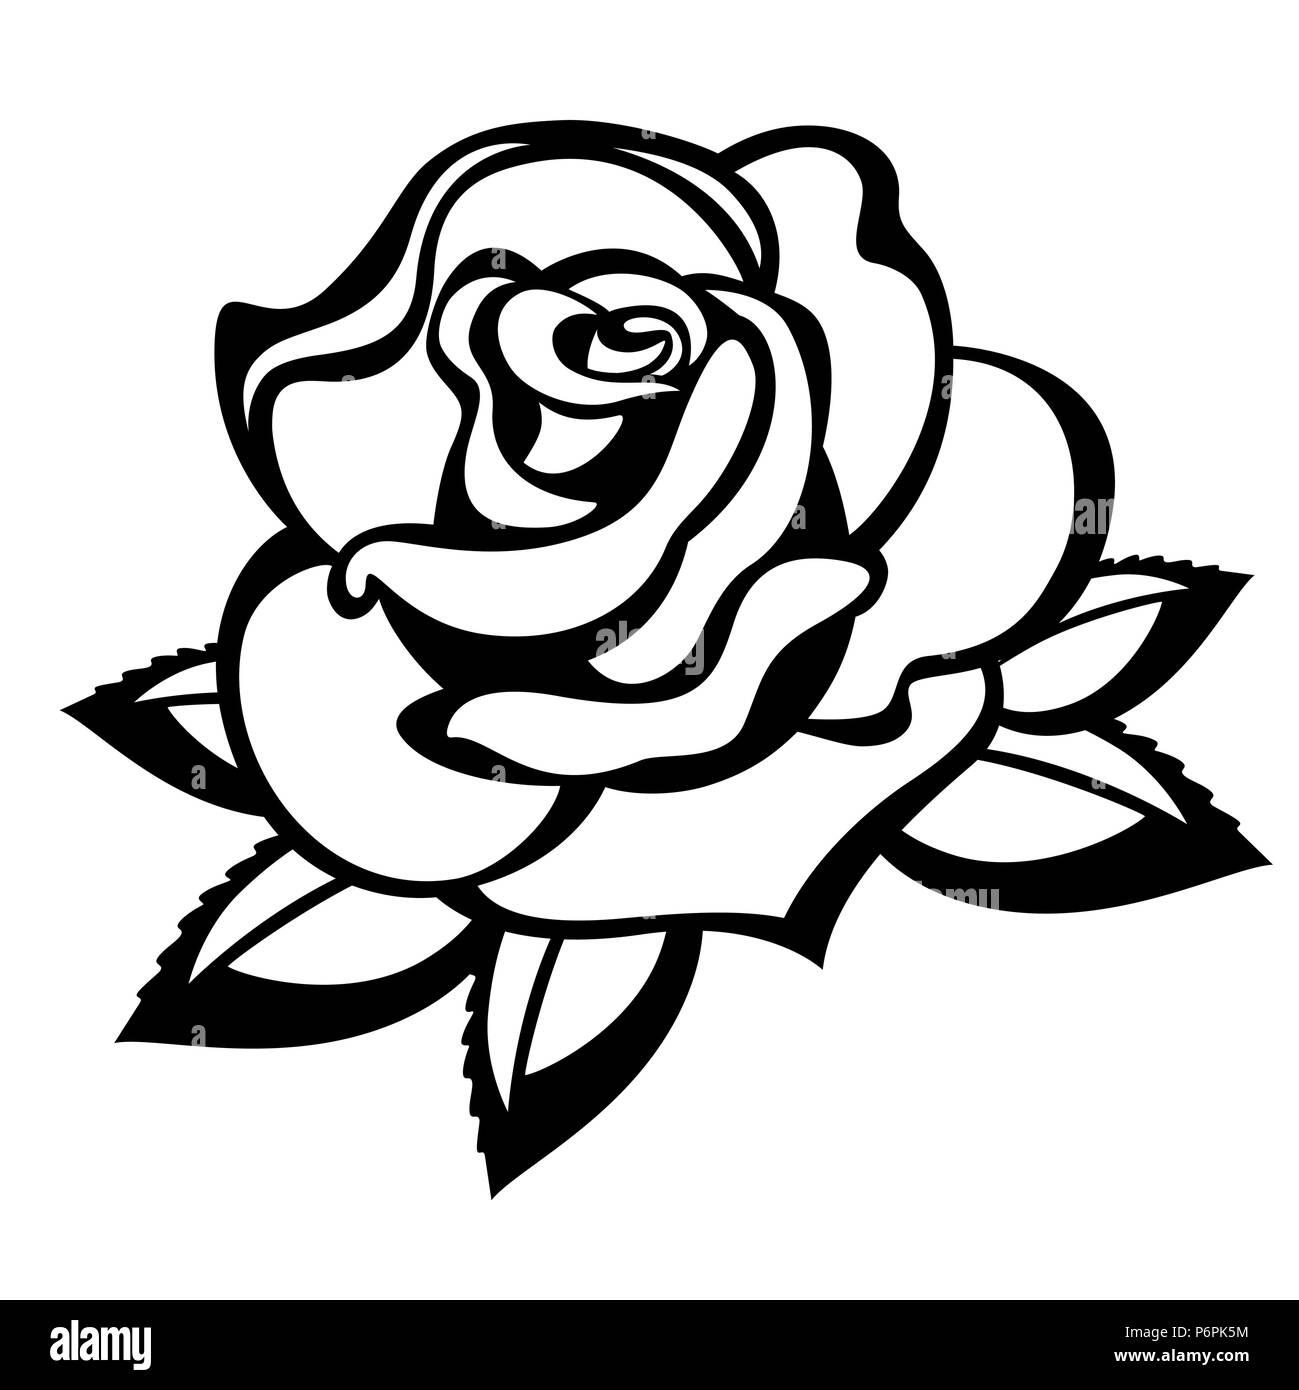 rose auf einem wei en hintergrund schwarz wei vektor abbildung bild 210710352 alamy. Black Bedroom Furniture Sets. Home Design Ideas